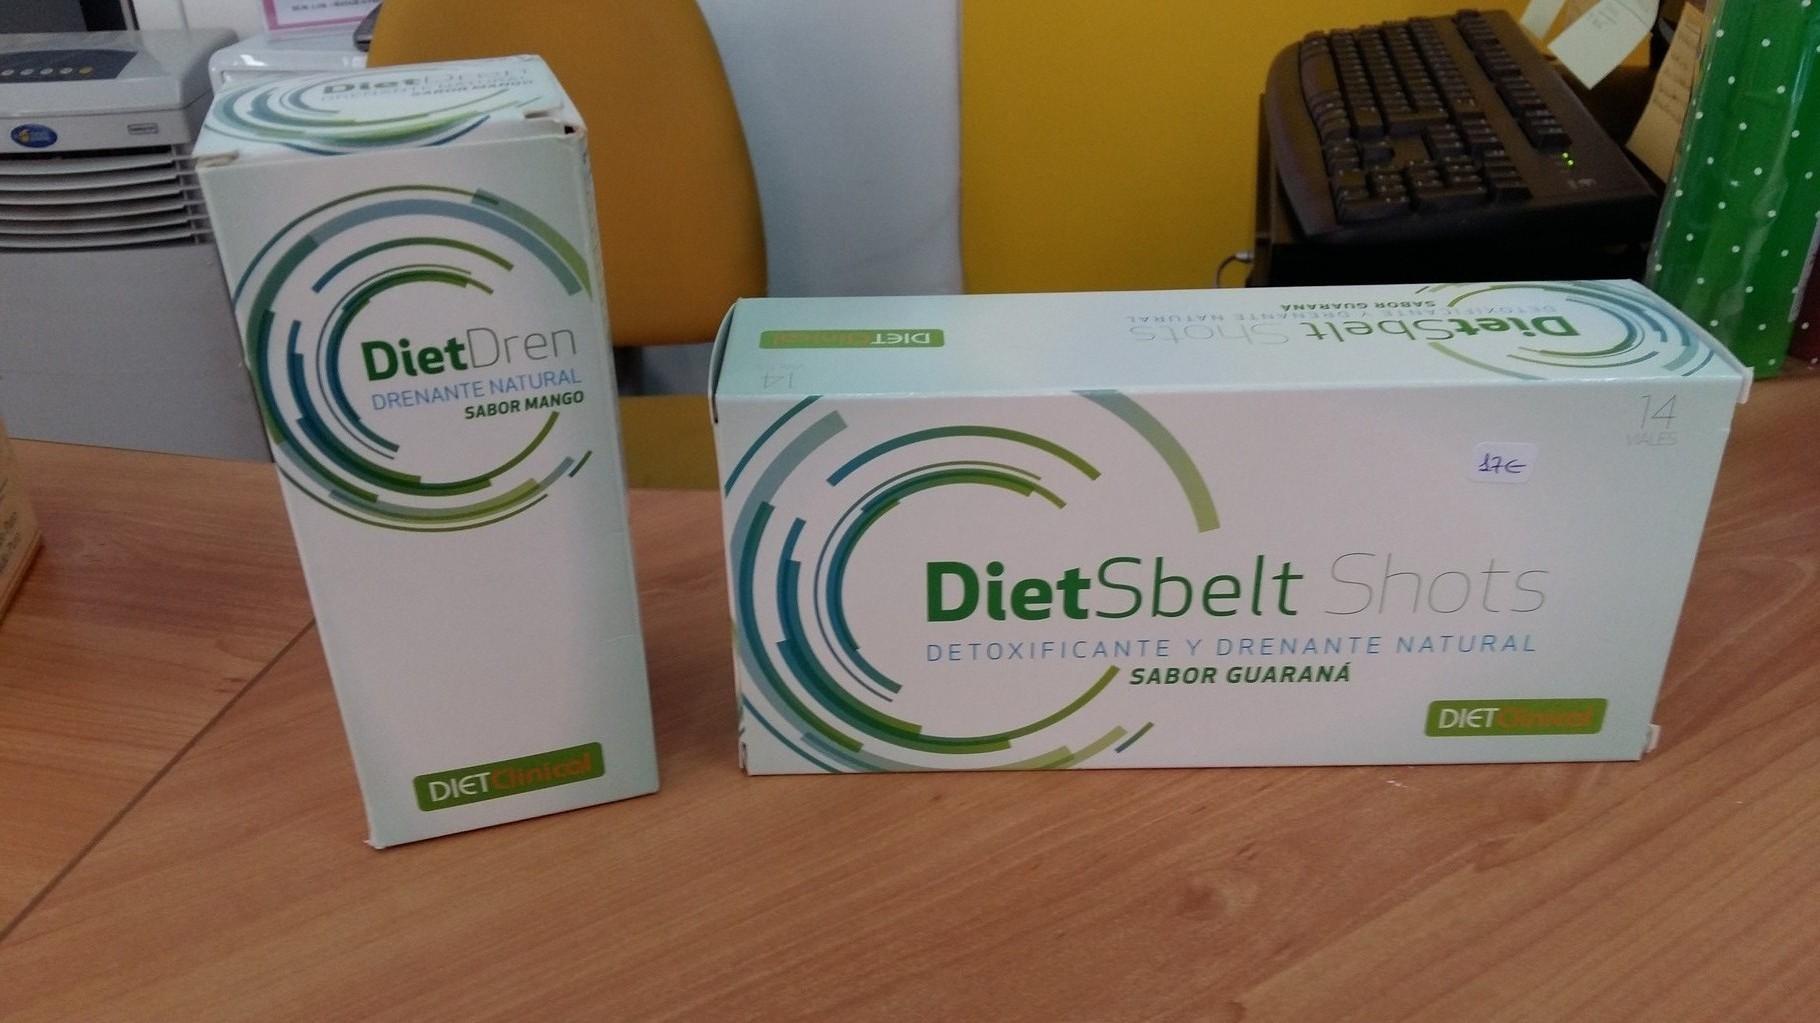 ampollitas drenantes y anticelulíticas, y diet dren para eliminar líquidos